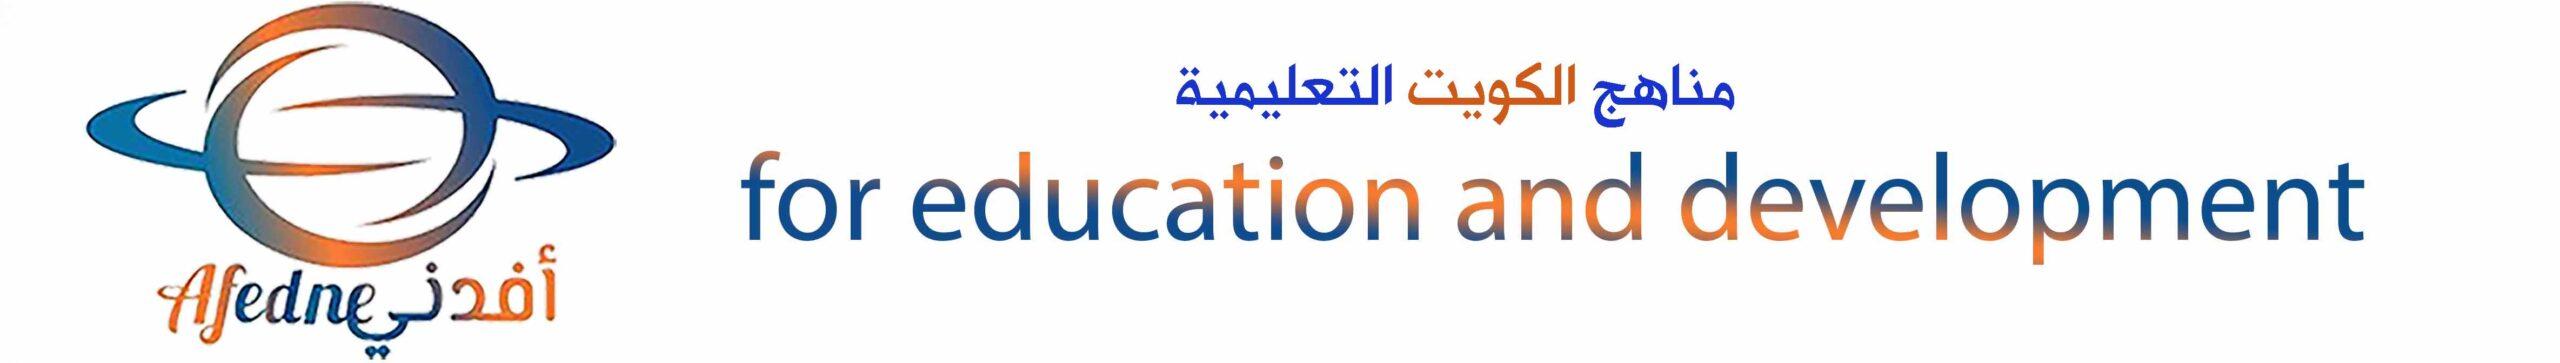 مناهج الكويت الدراسية